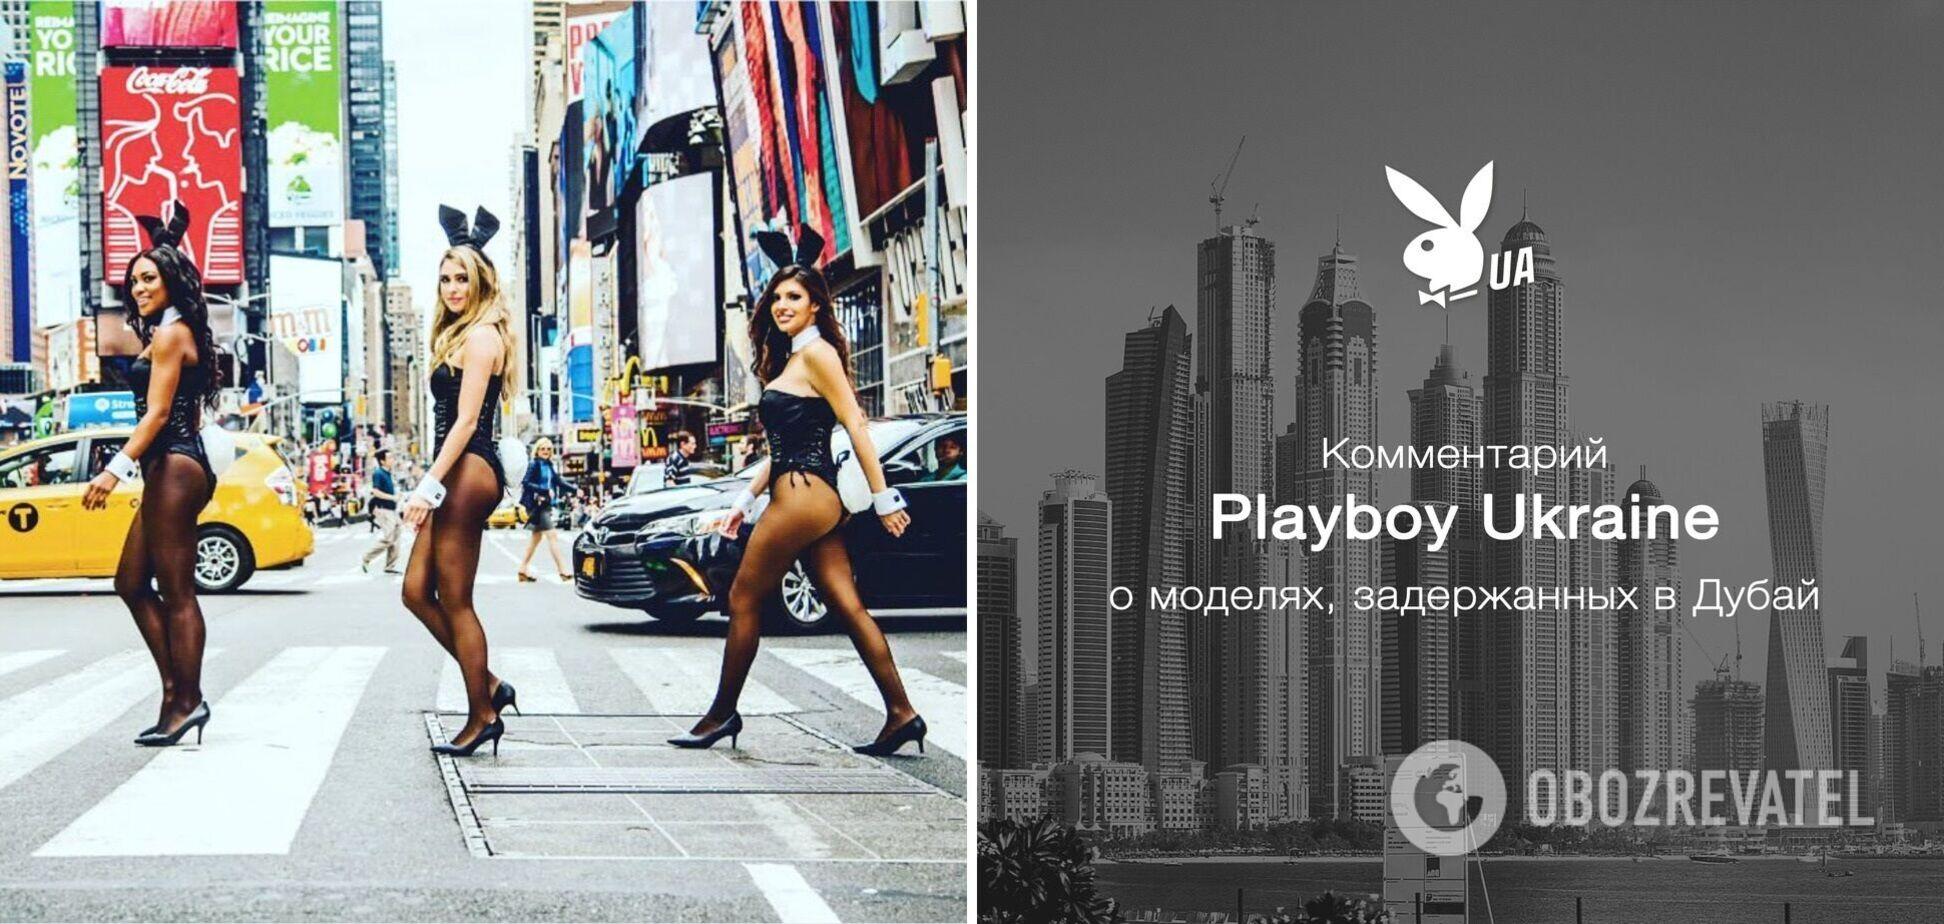 Журнал Playboy Ukraine прокоментував скандальну фотосесію з голими дівчатами в Дубаї